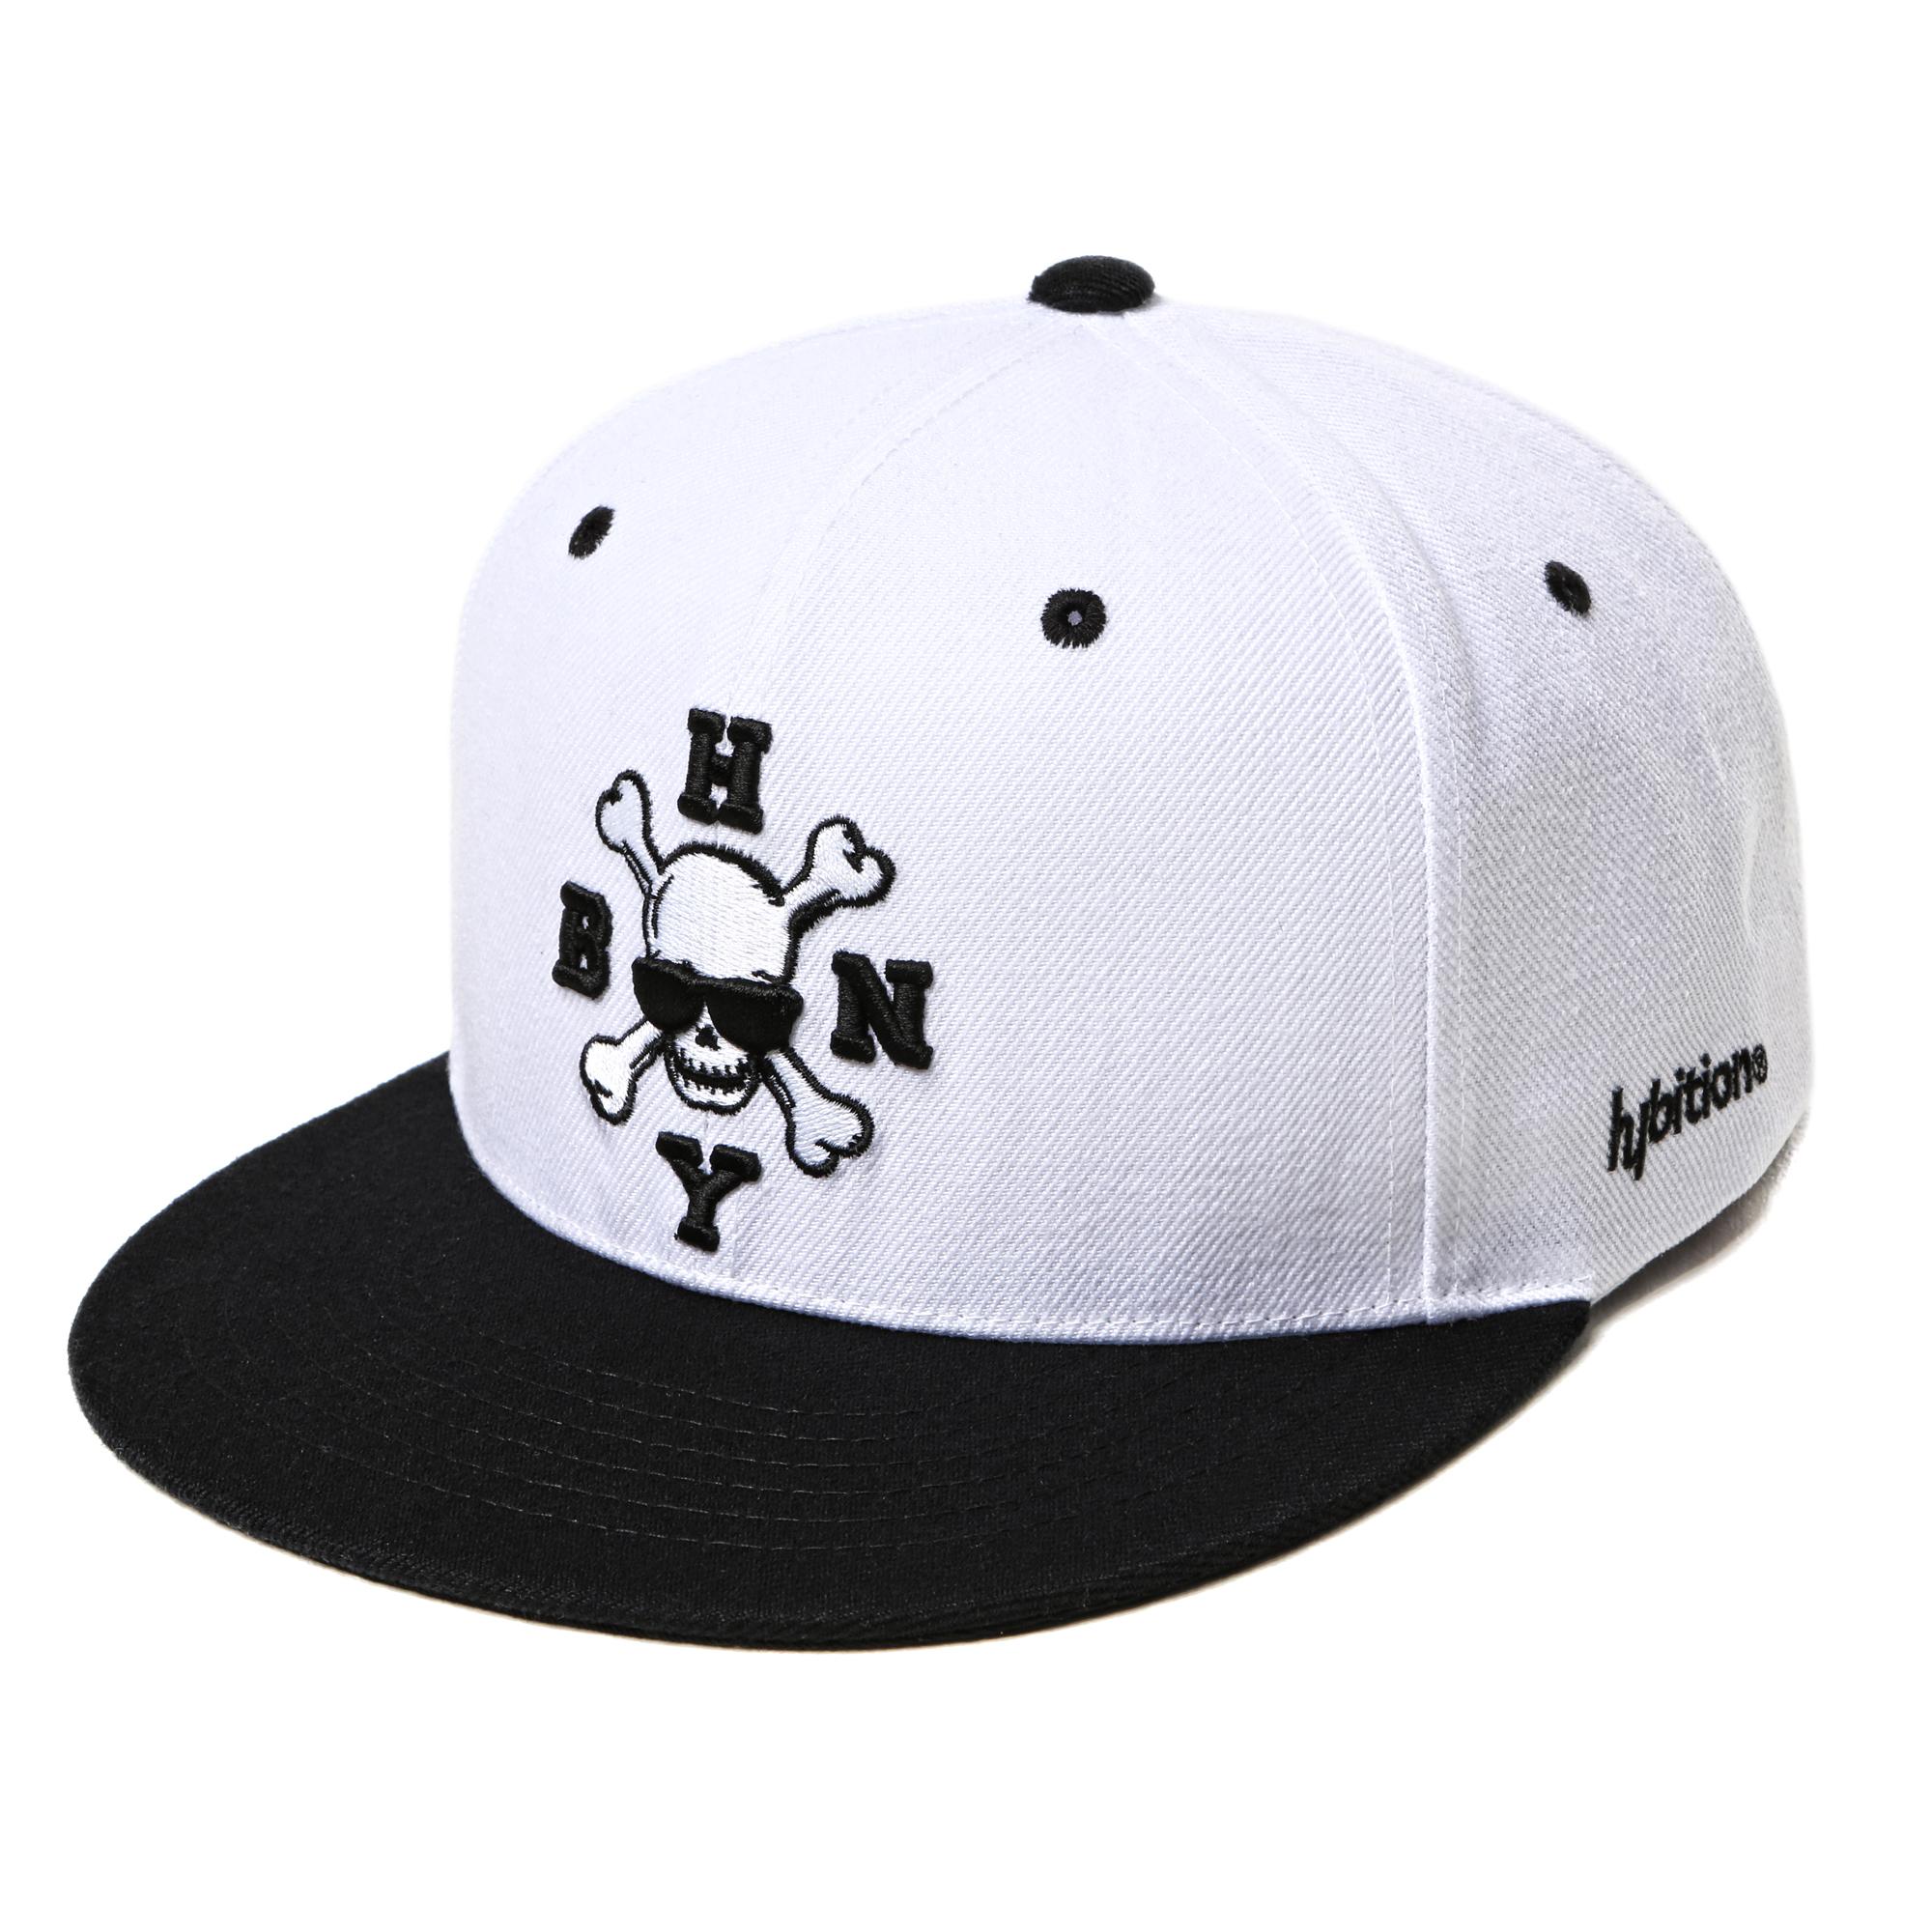 Skull SnapBack Hat White